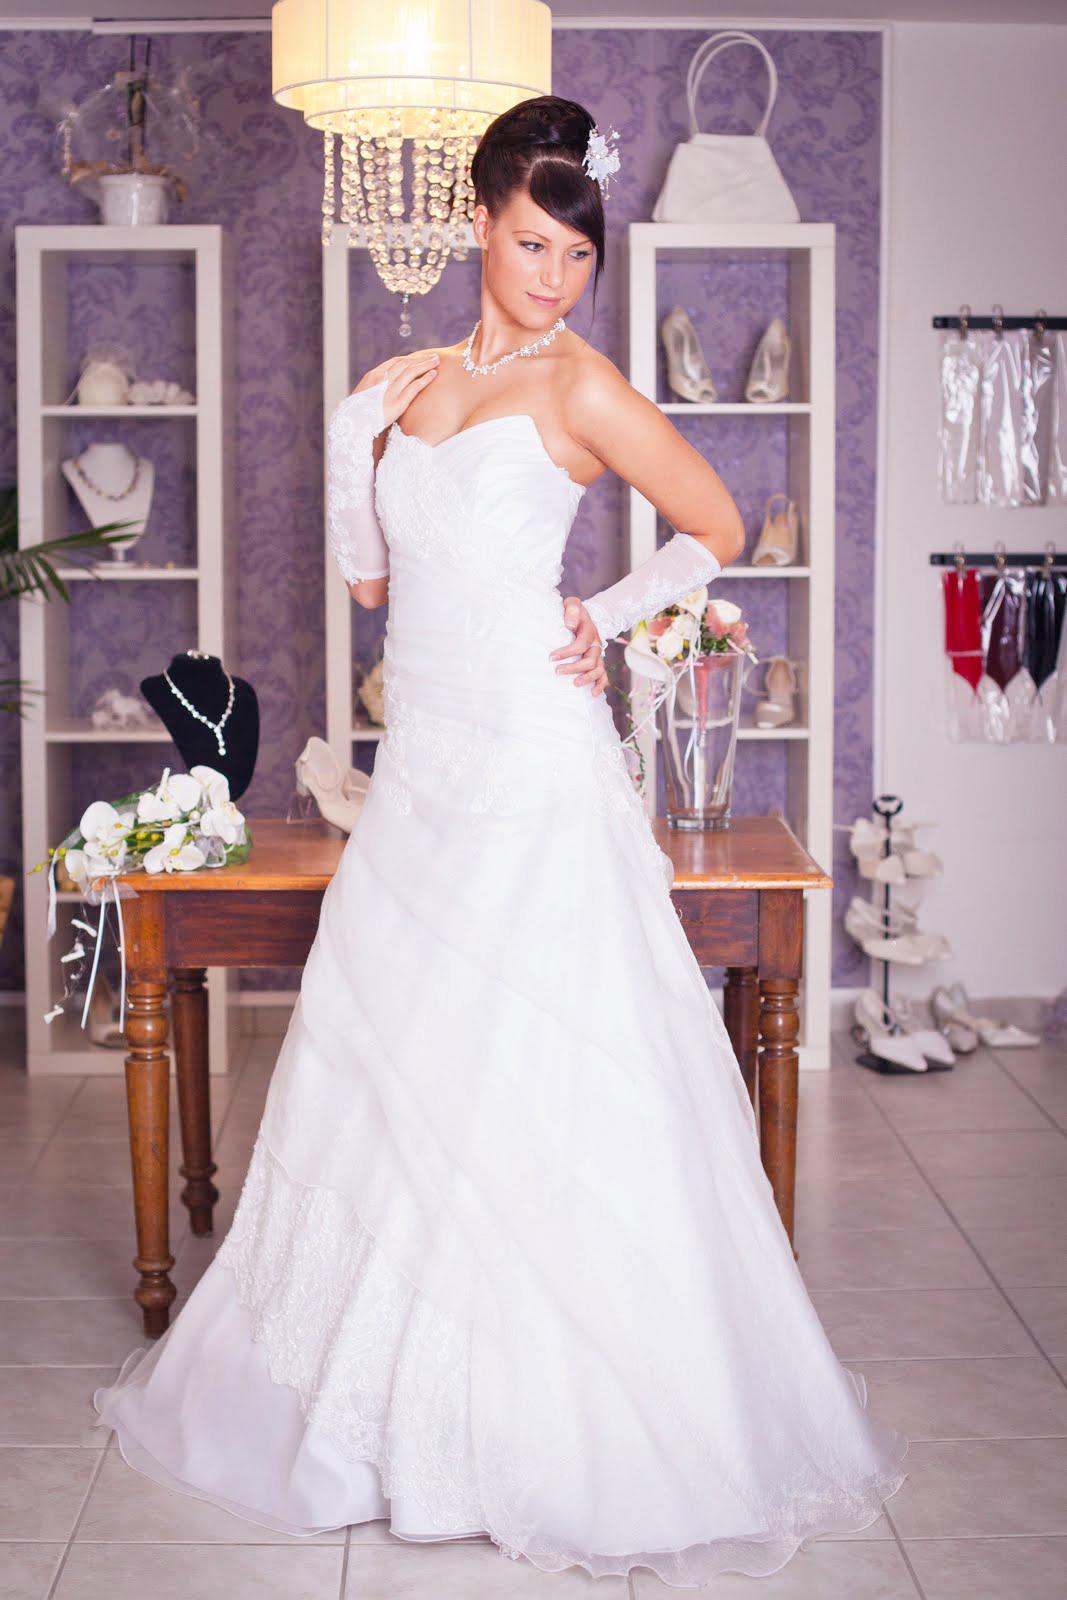 Brautkleid Berater, finden Sie das perfekte Brautkleid - Kleiderfreuden